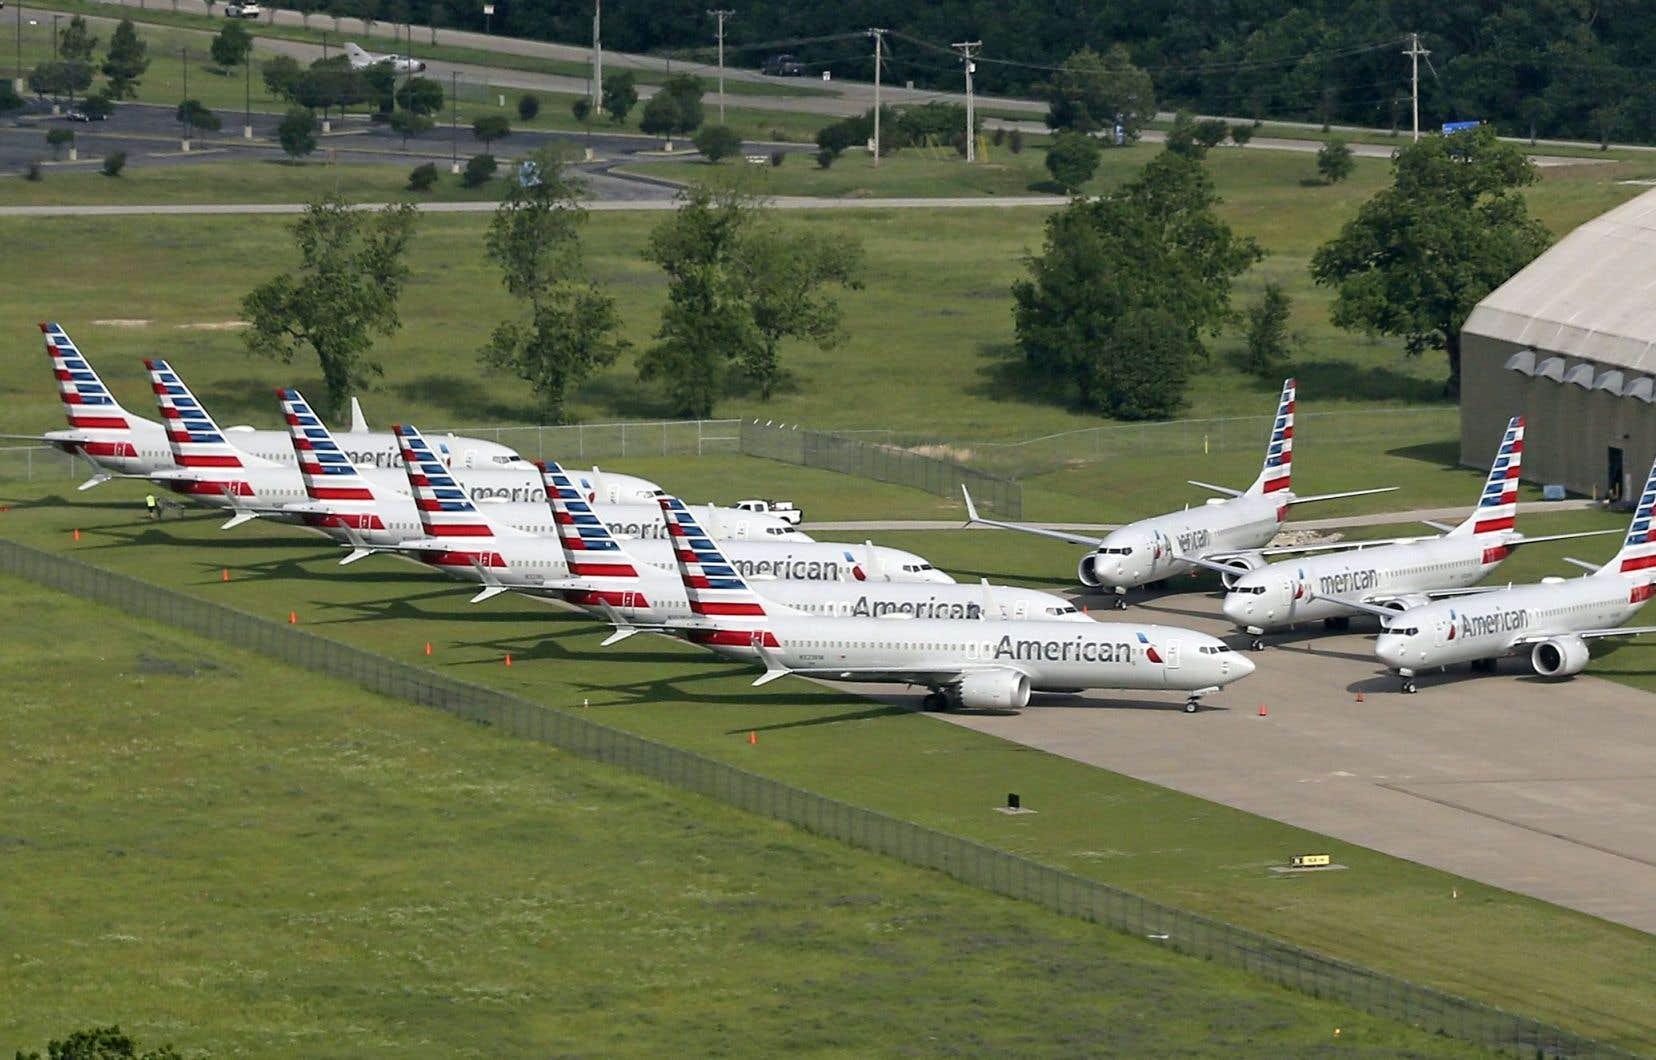 La compagnie American Airlines avait annulé les vols de Boeing 737 MAX jusqu'au début de juin et devrait par conséquent revoir ce calendrier.